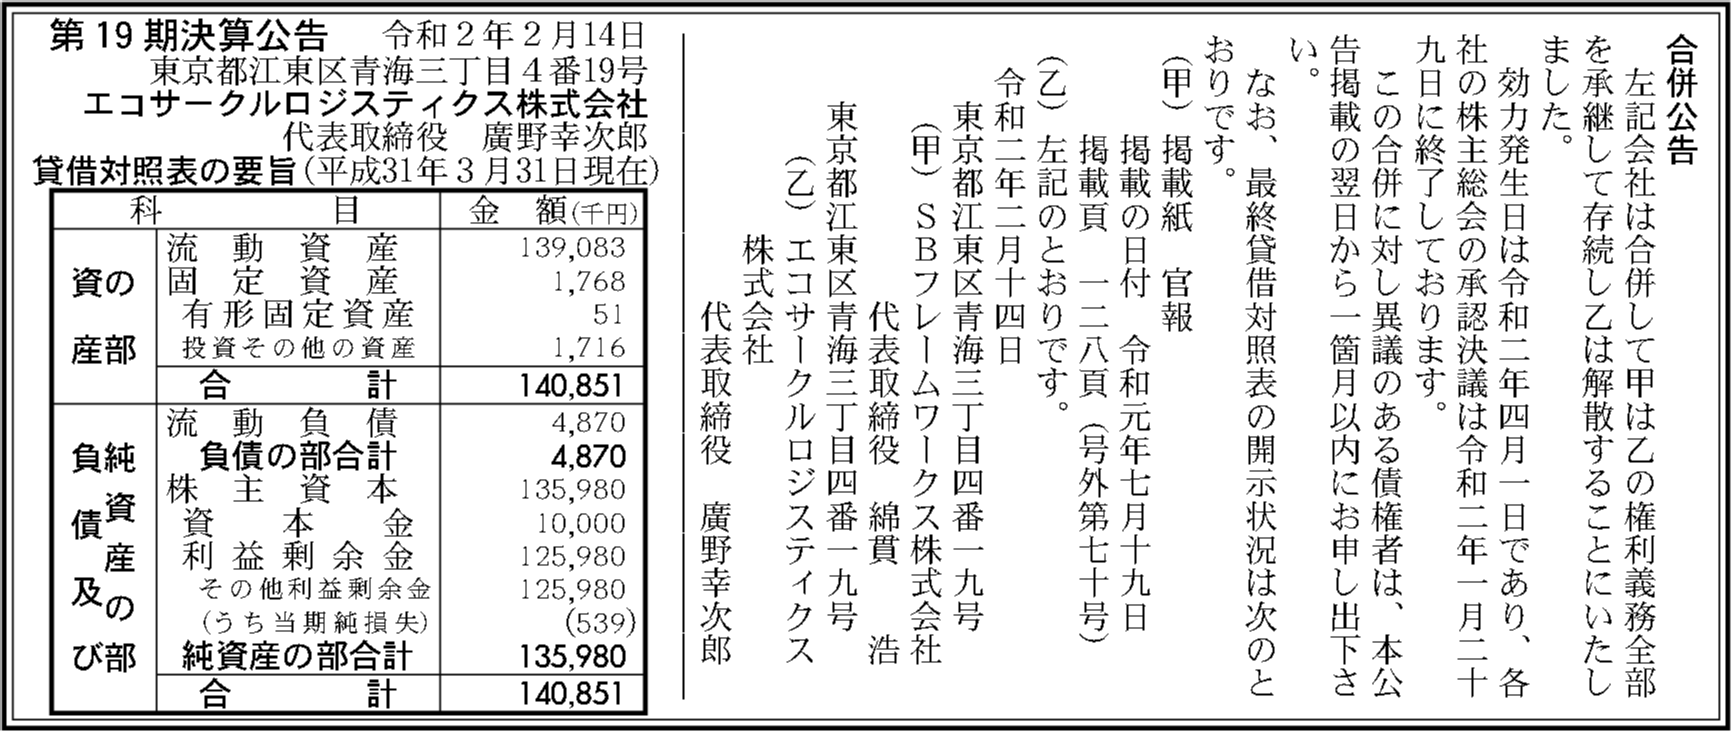 0054 a343a43935f9c75753f943bd29f89e984cb939520e8c08239a39724ca8900a5bf388d98c2a8564ad5681f083636203ca504580f683ae1371b65ba89e0f7f236e 03